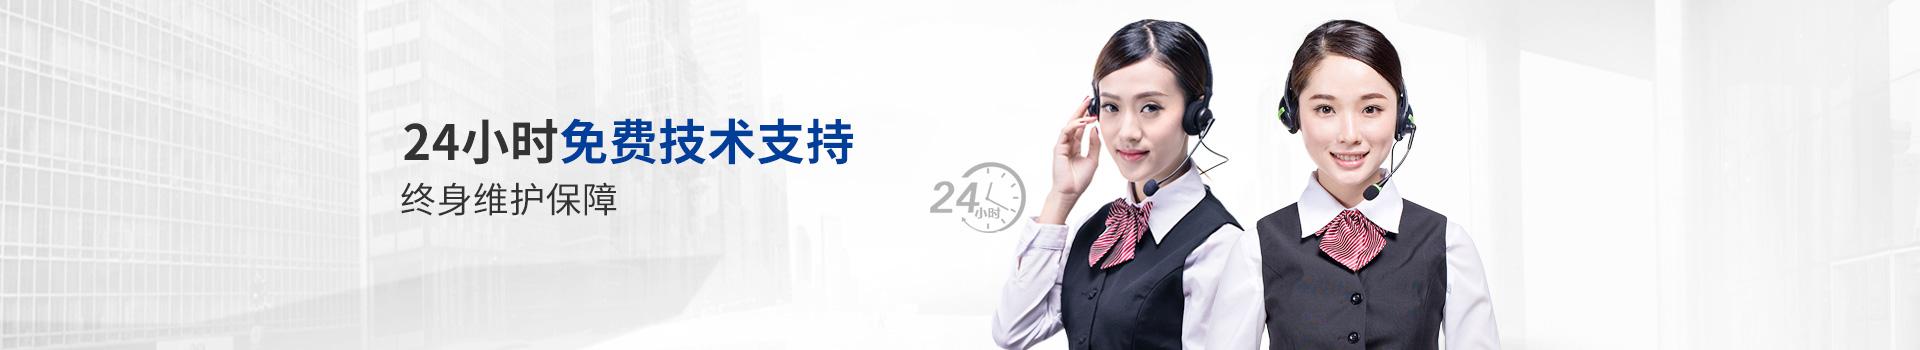 华科星电气-24小时免费技术支持